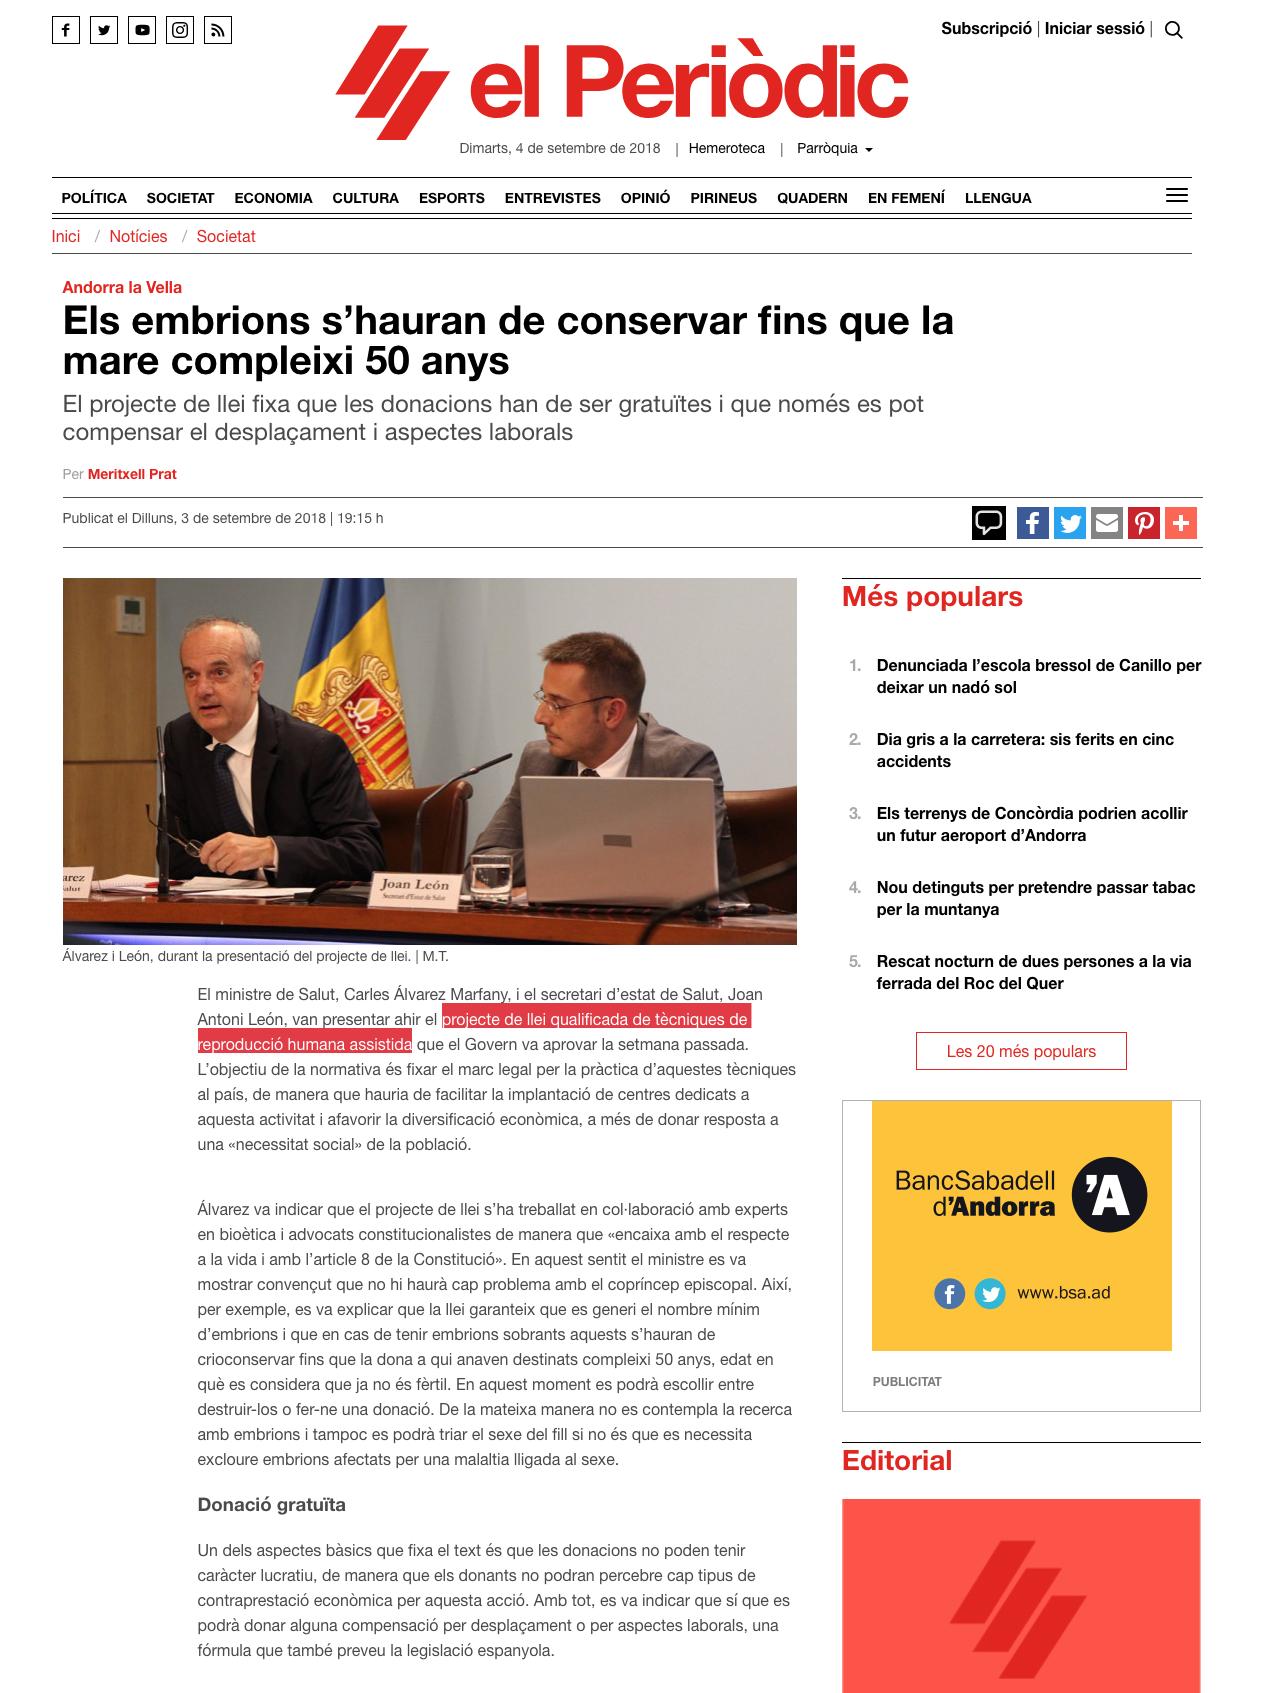 El Periodico d'Andorra